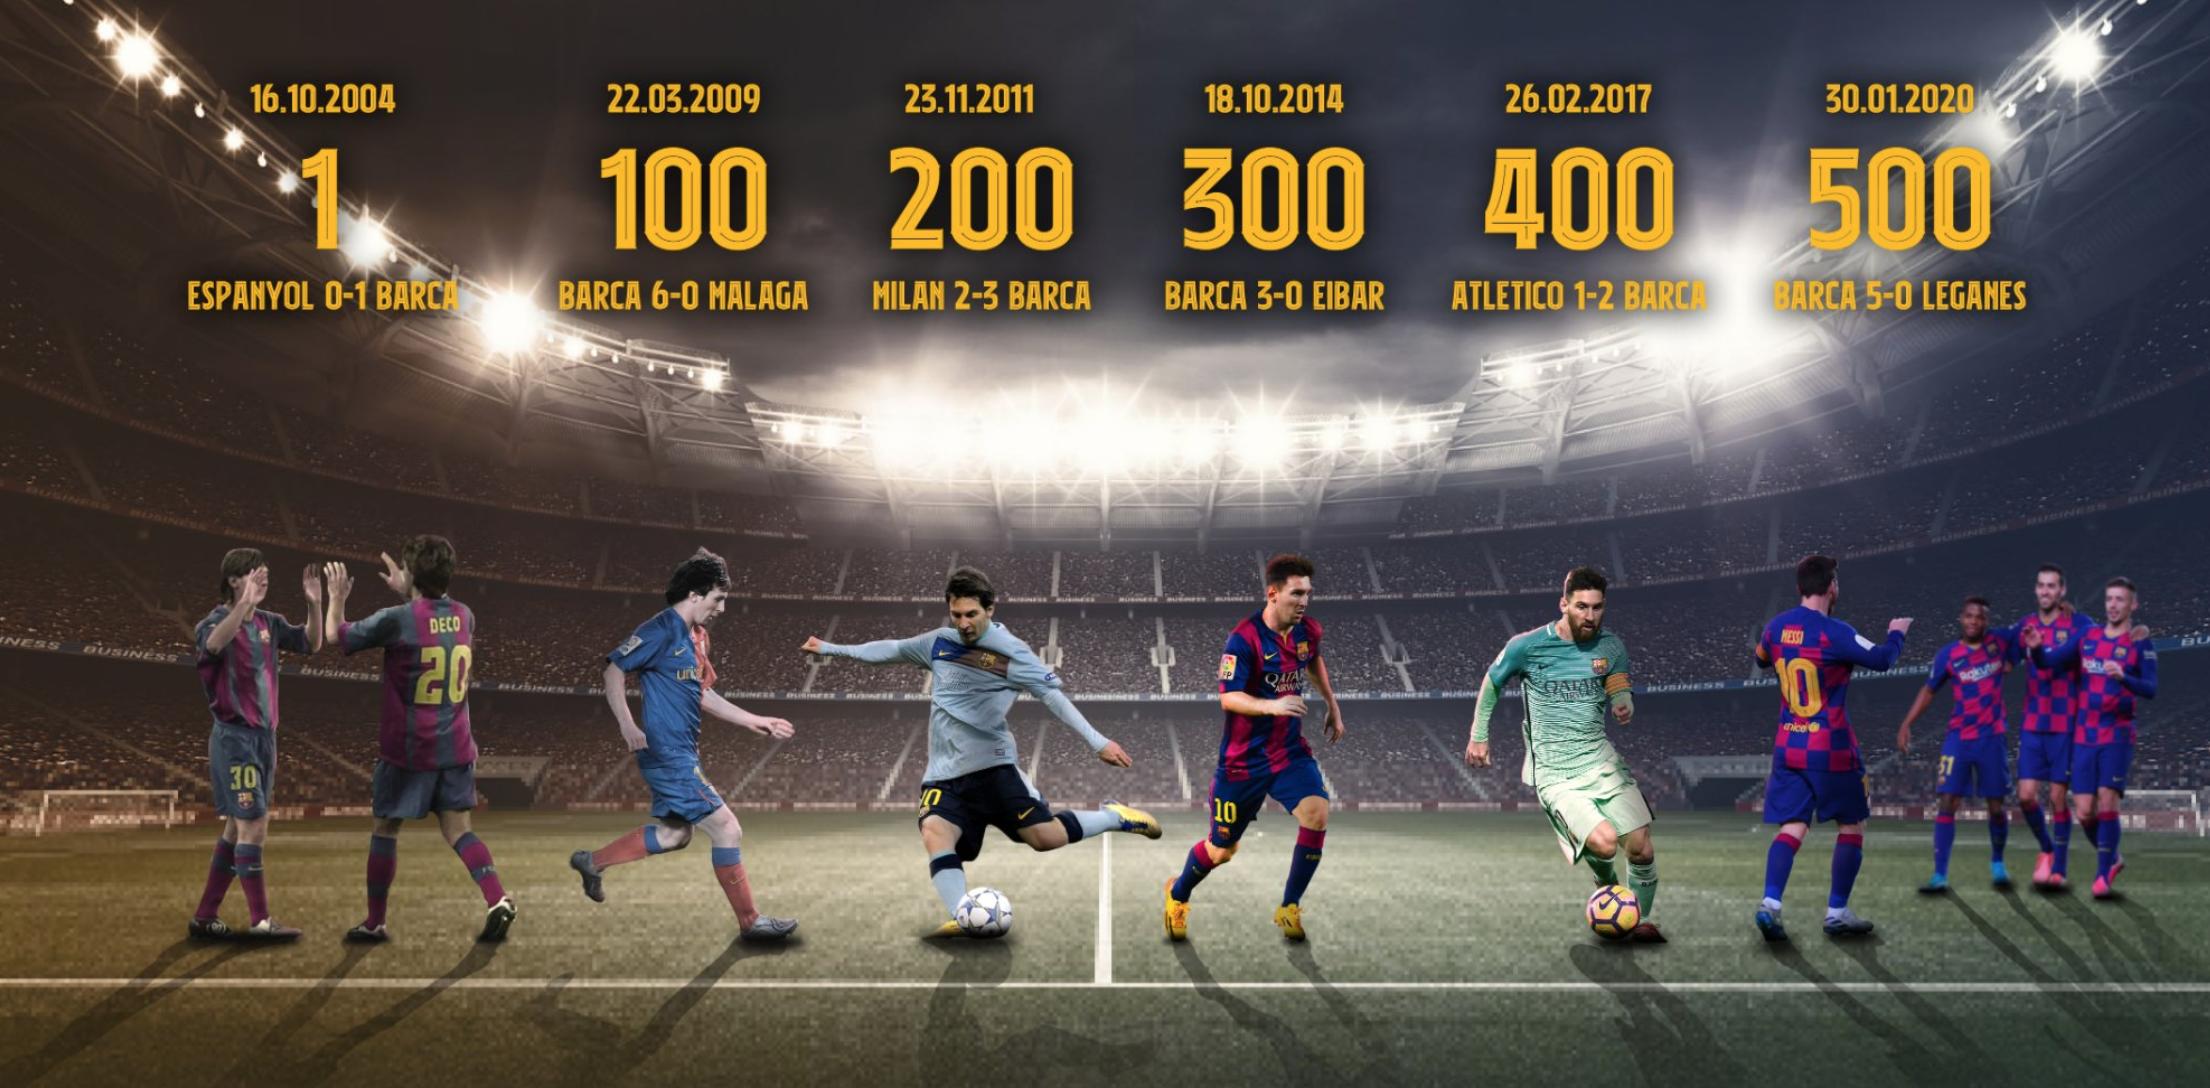 梅西拿下巴萨生涯第500场胜利,成西班牙足坛第一人